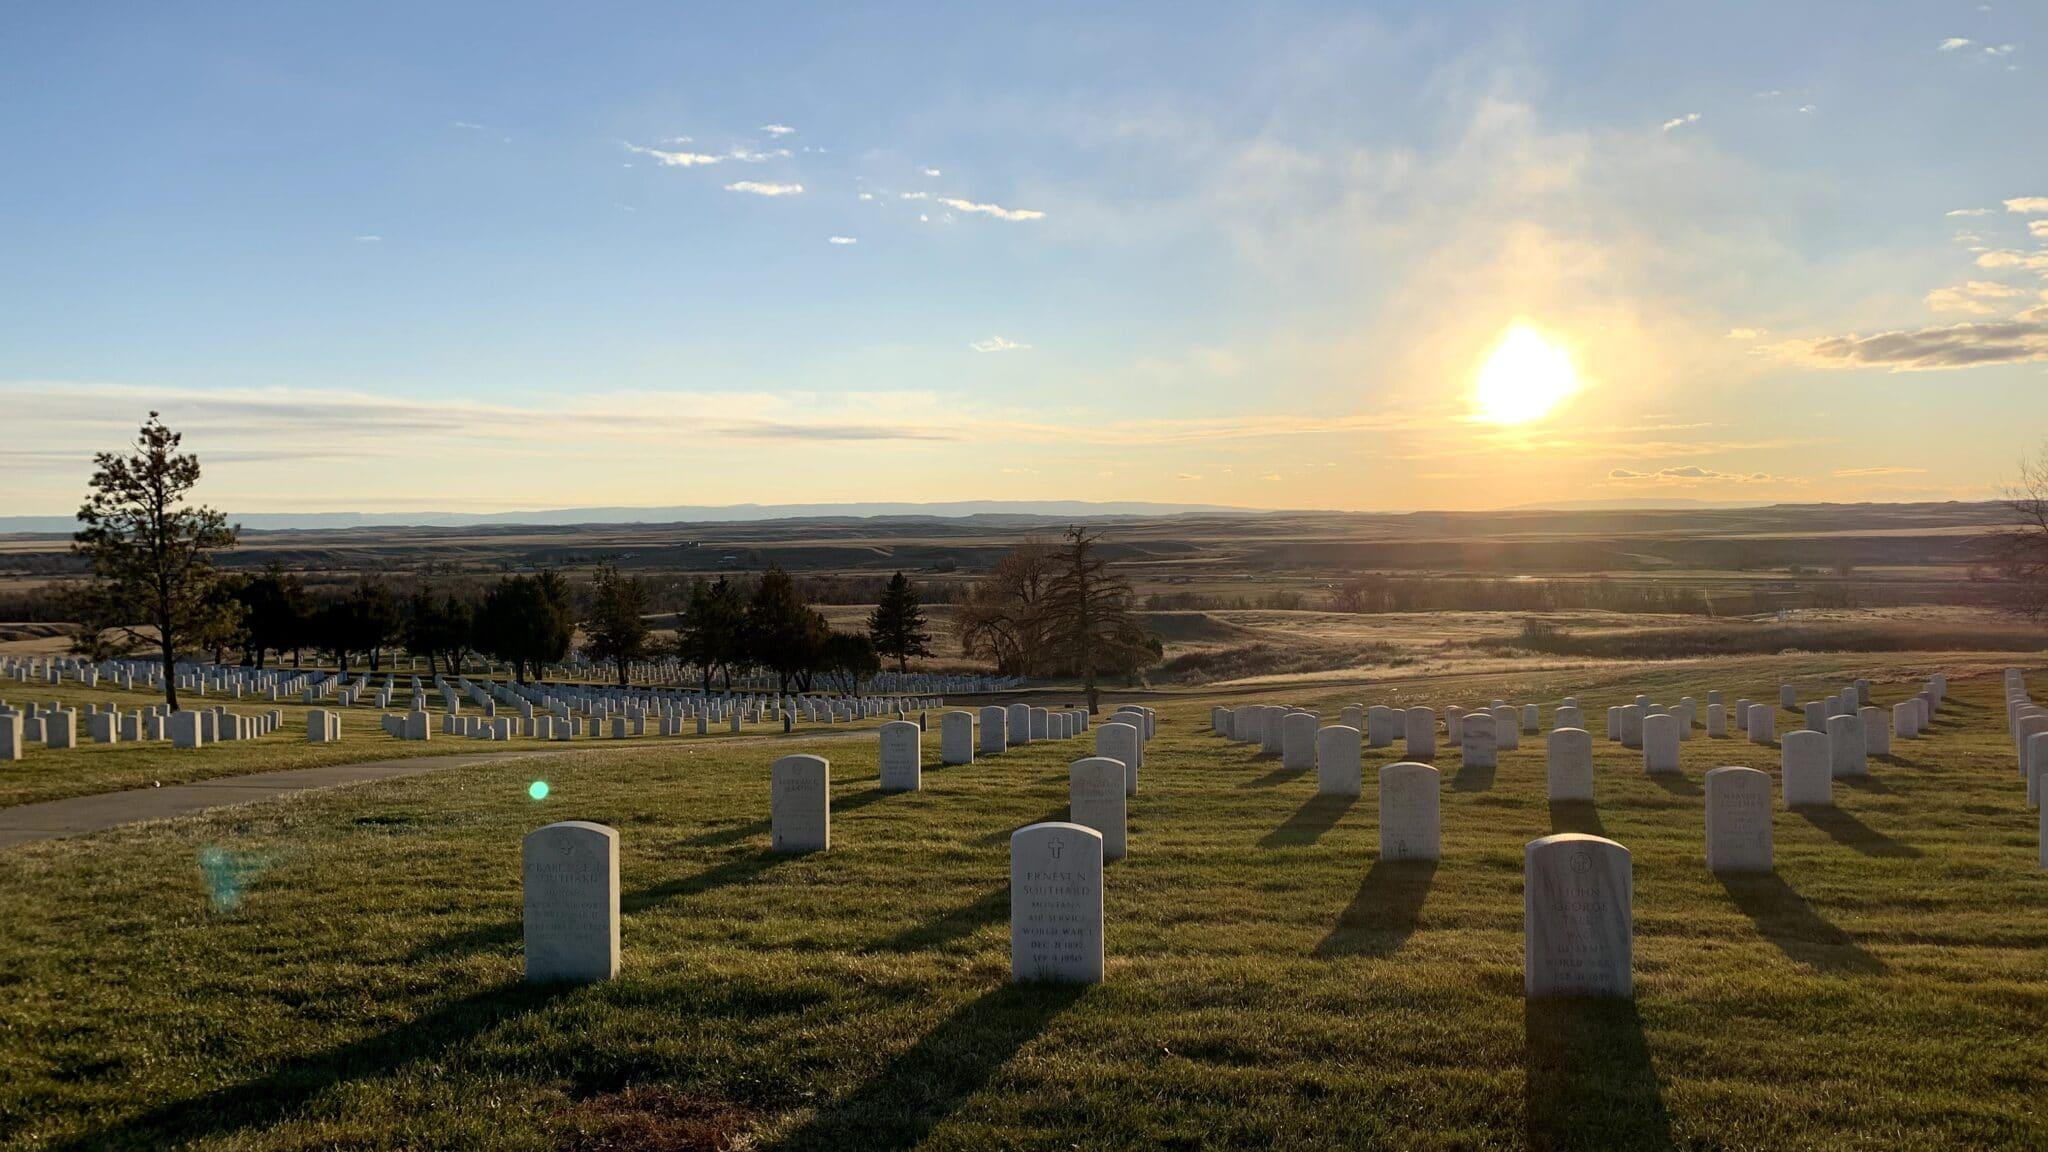 Little_Bighorn_Battlefield_at_Sunset